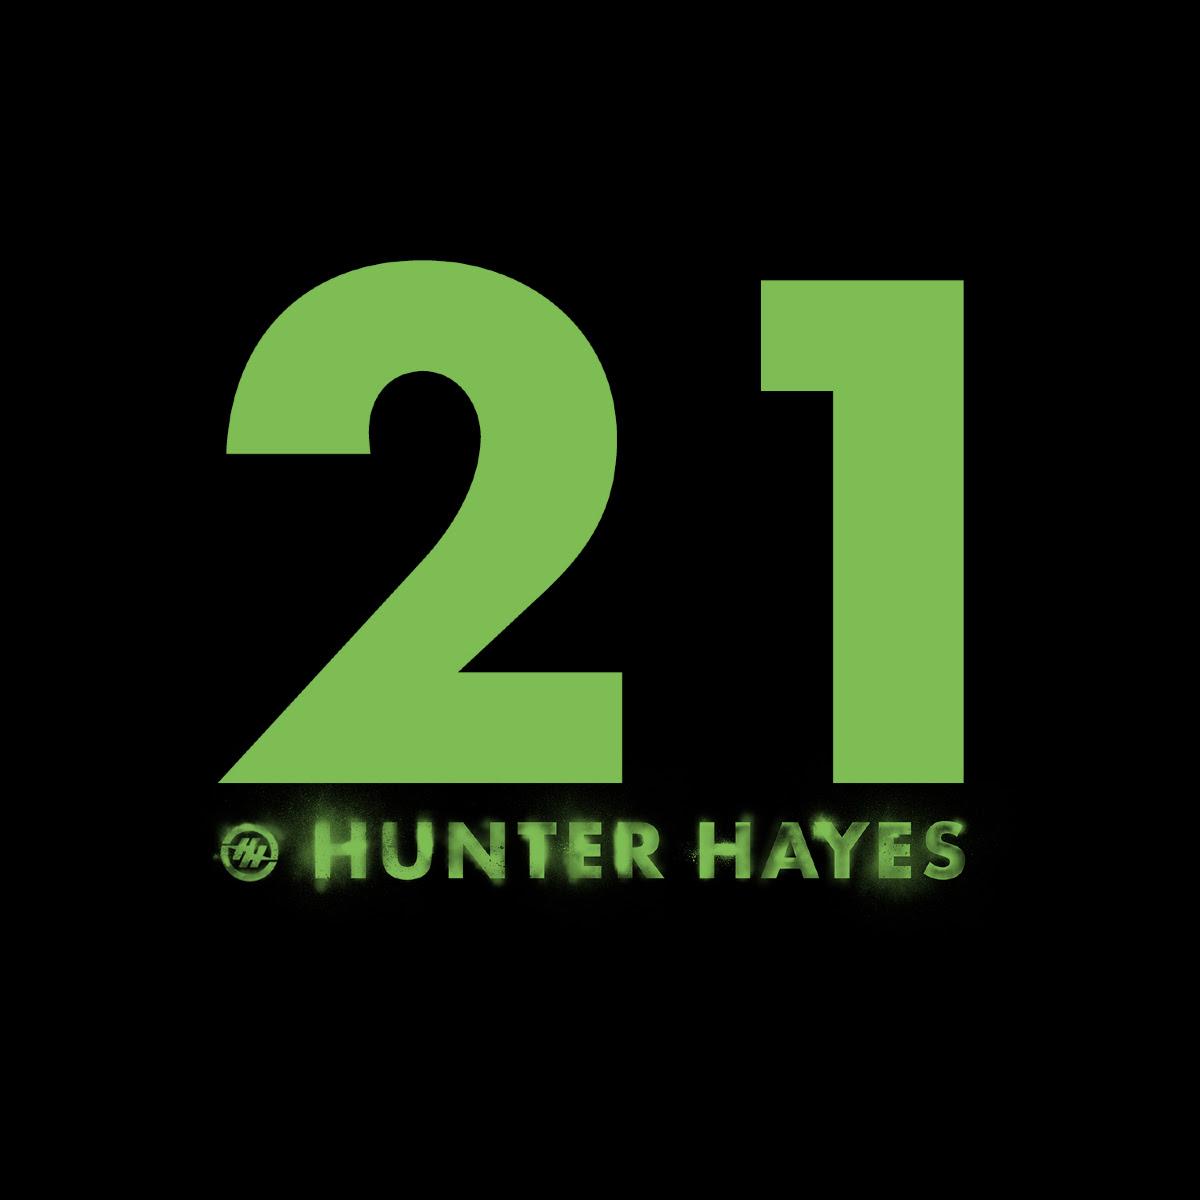 HunterHayes212